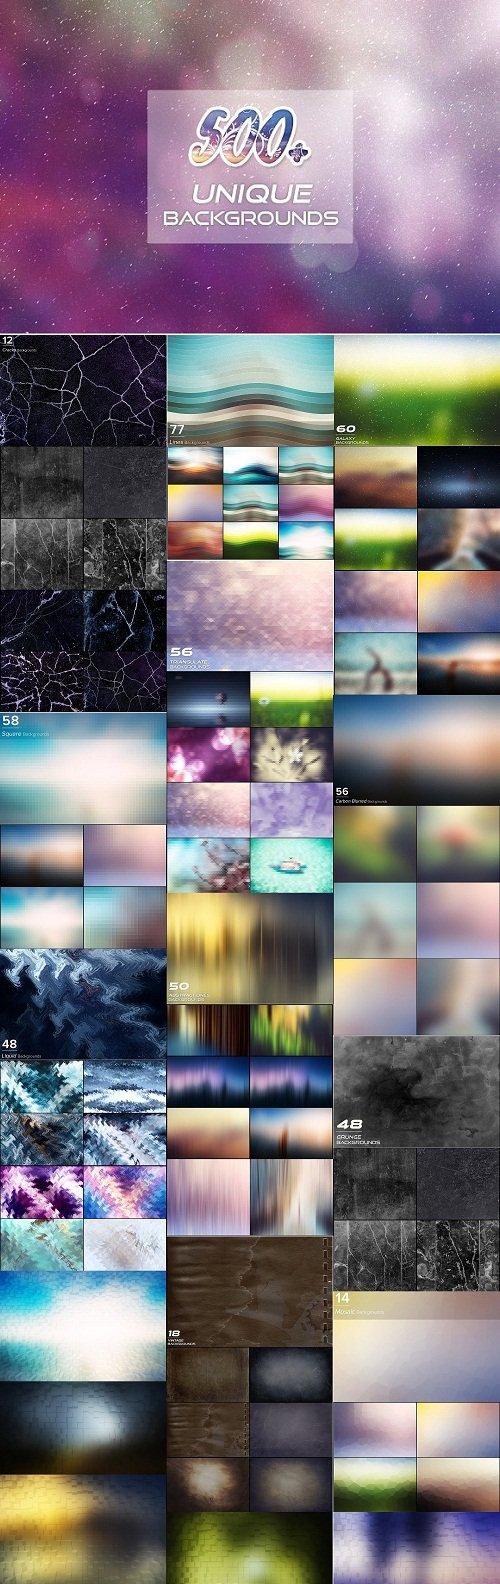 500+ Unique Backgrounds 3062601